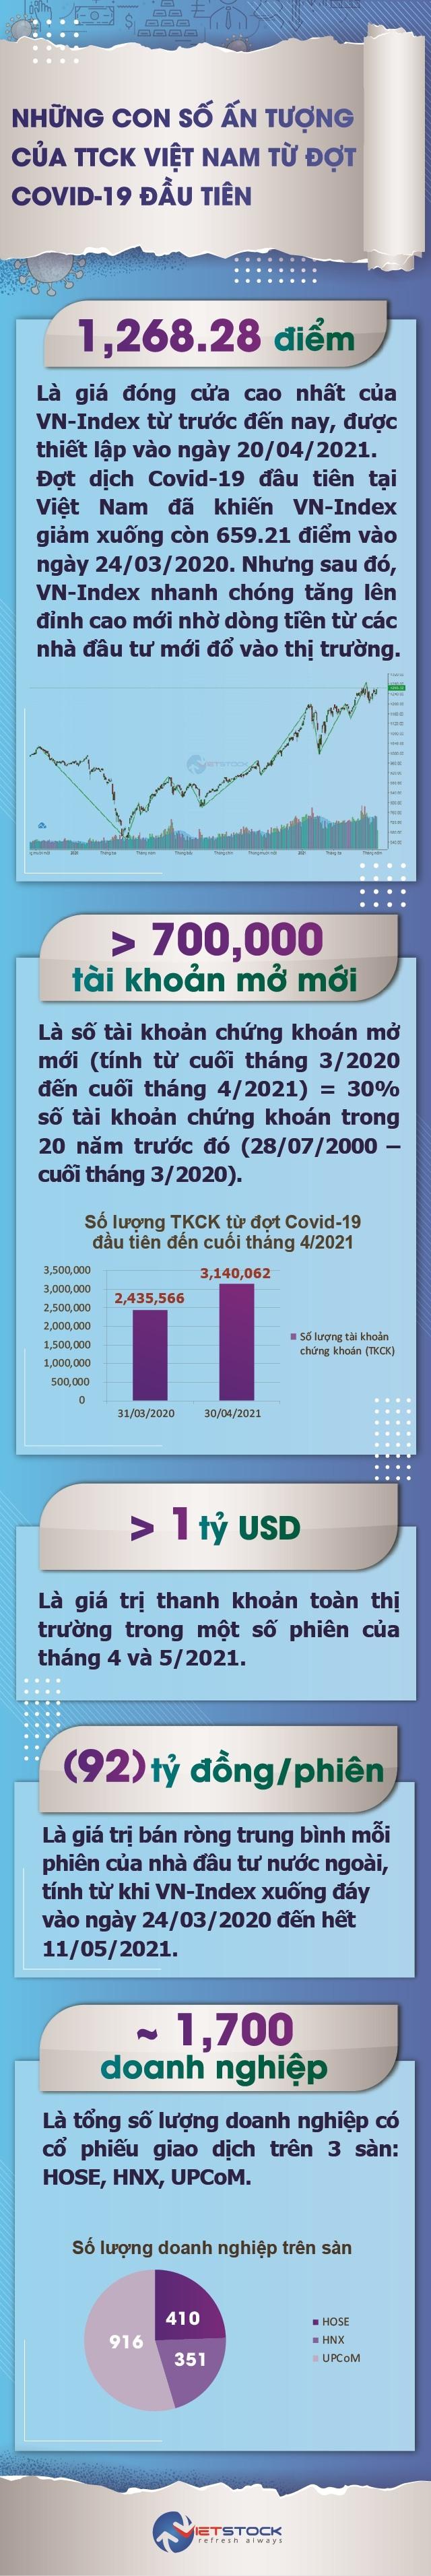 [Infografic] Những con số ấn tượng của TTCK Việt Nam từ đợt Covid-19 đầu tiên